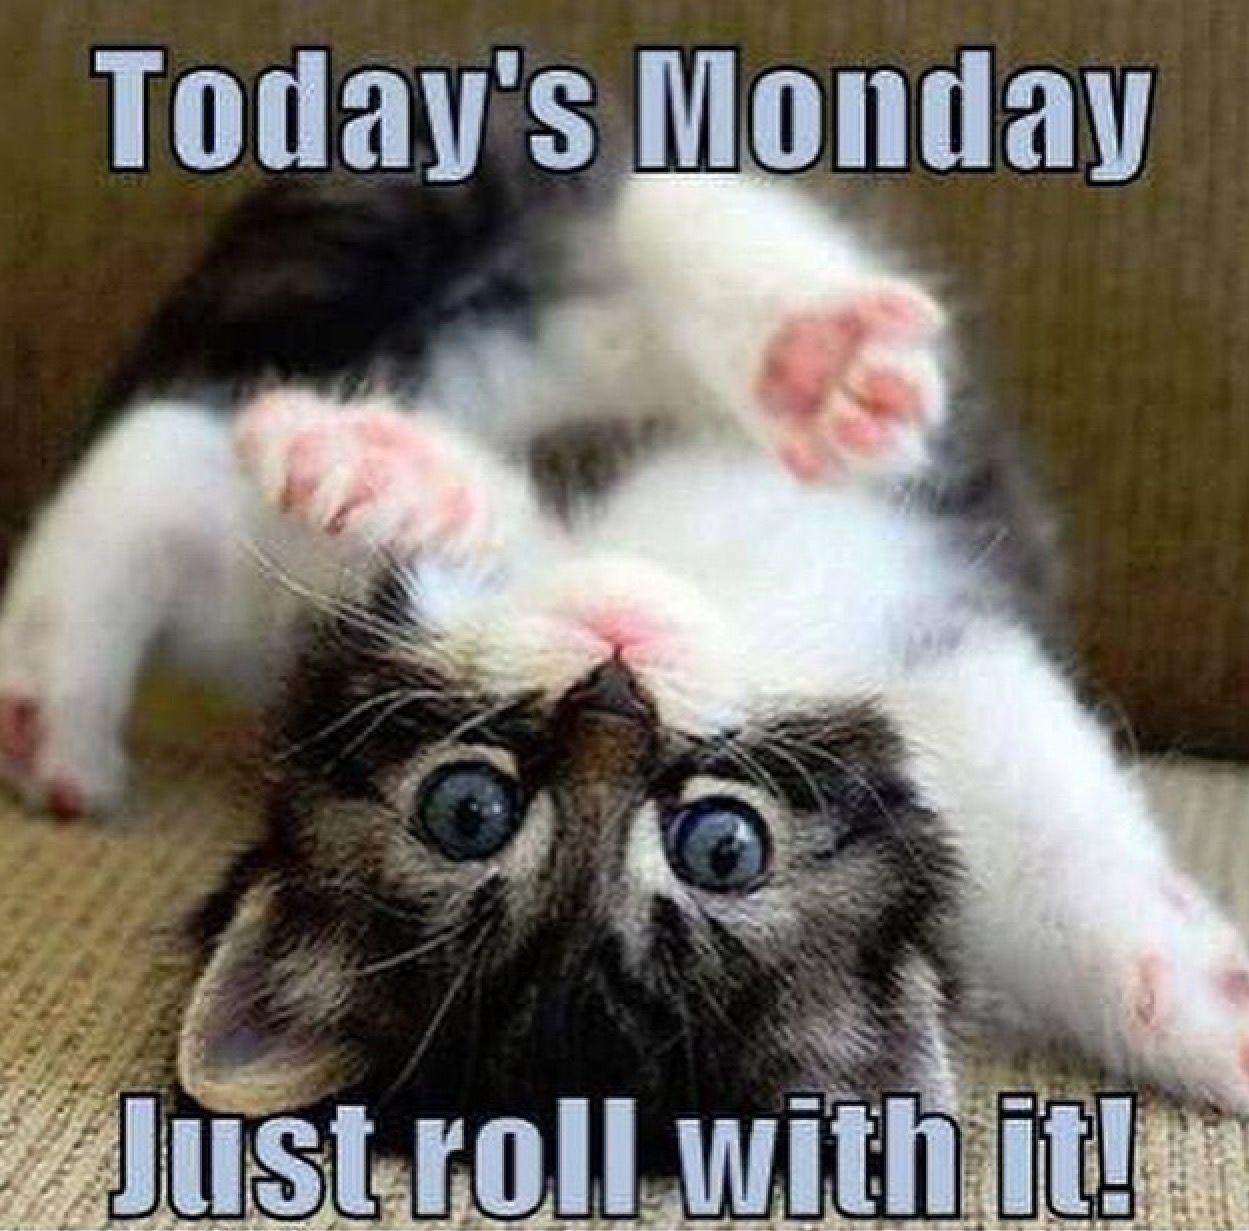 Have a great Monday Ya'll! #mondayagain | Good morning ...